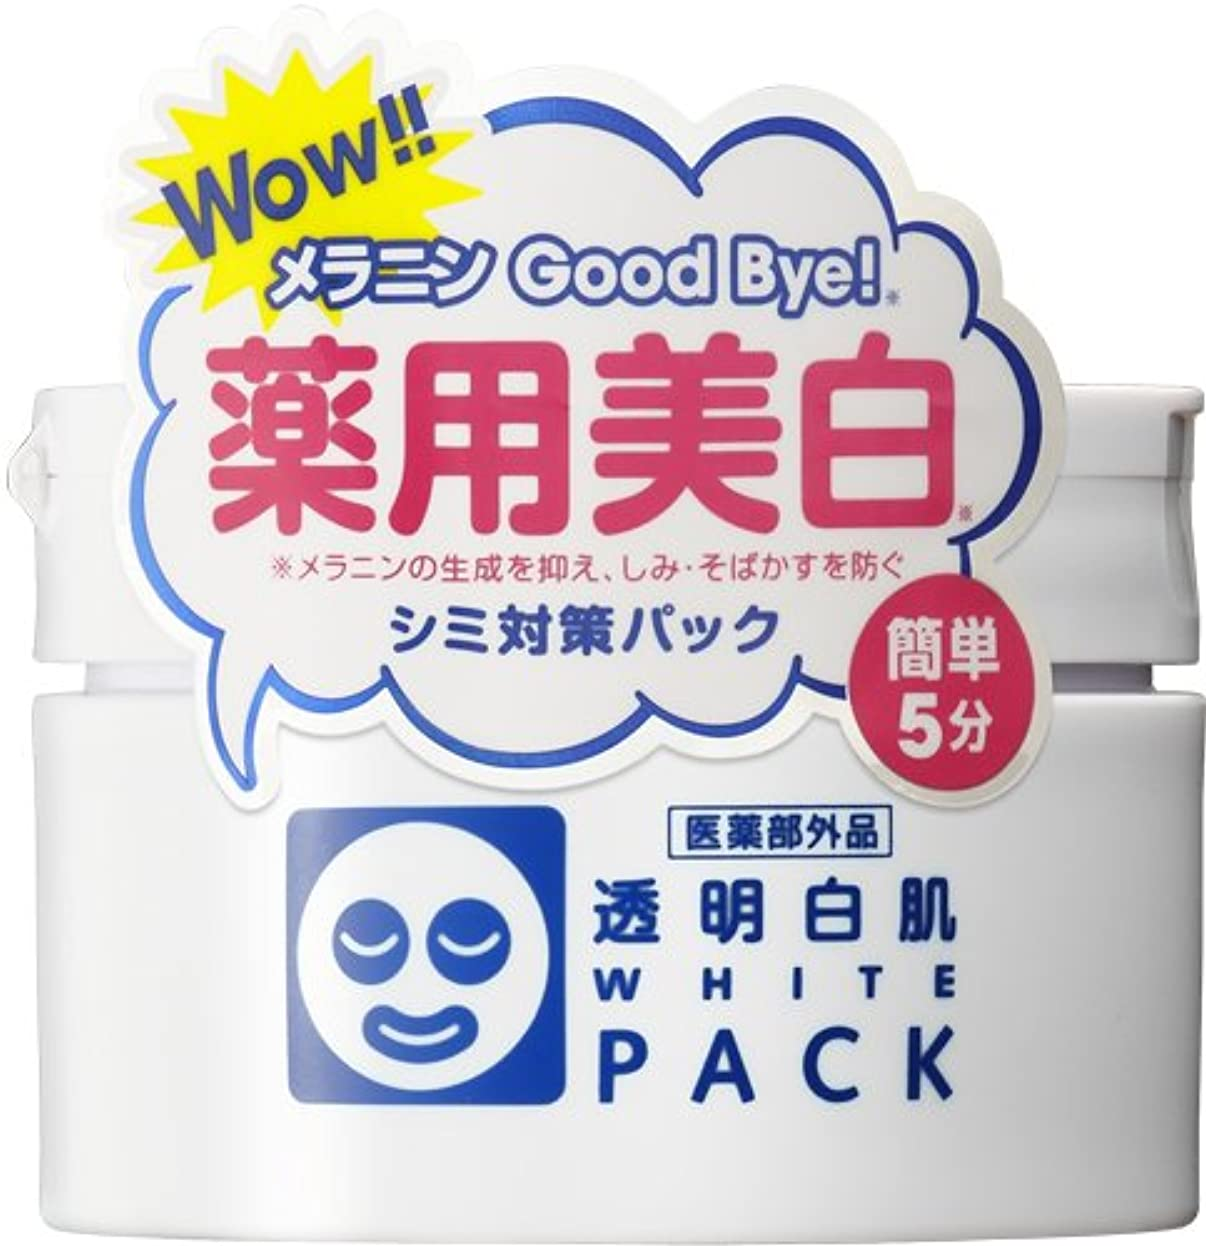 タフ午後墓透明白肌 薬用ホワイトパックN<医薬部外品>